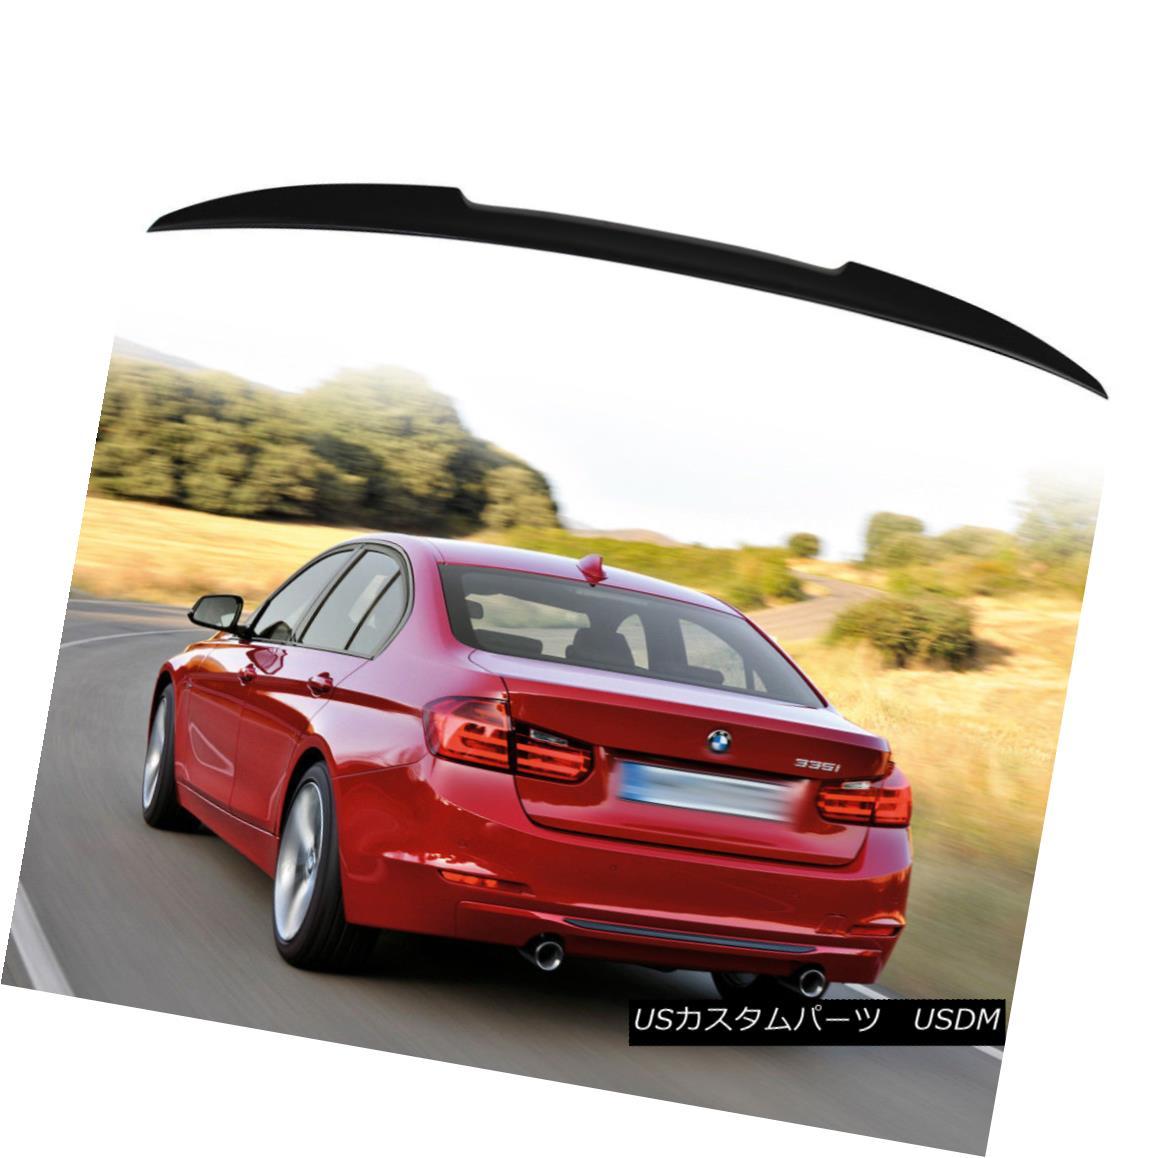 エアロパーツ Matte Black For BMW 3-Series F80 M3 F30 V Style Trunk Spoiler 320i 325i 328i BMW 3シリーズF80 M3 F30 Vスタイルトランク・スポイラー用マット・ブラック320i 325i 328i